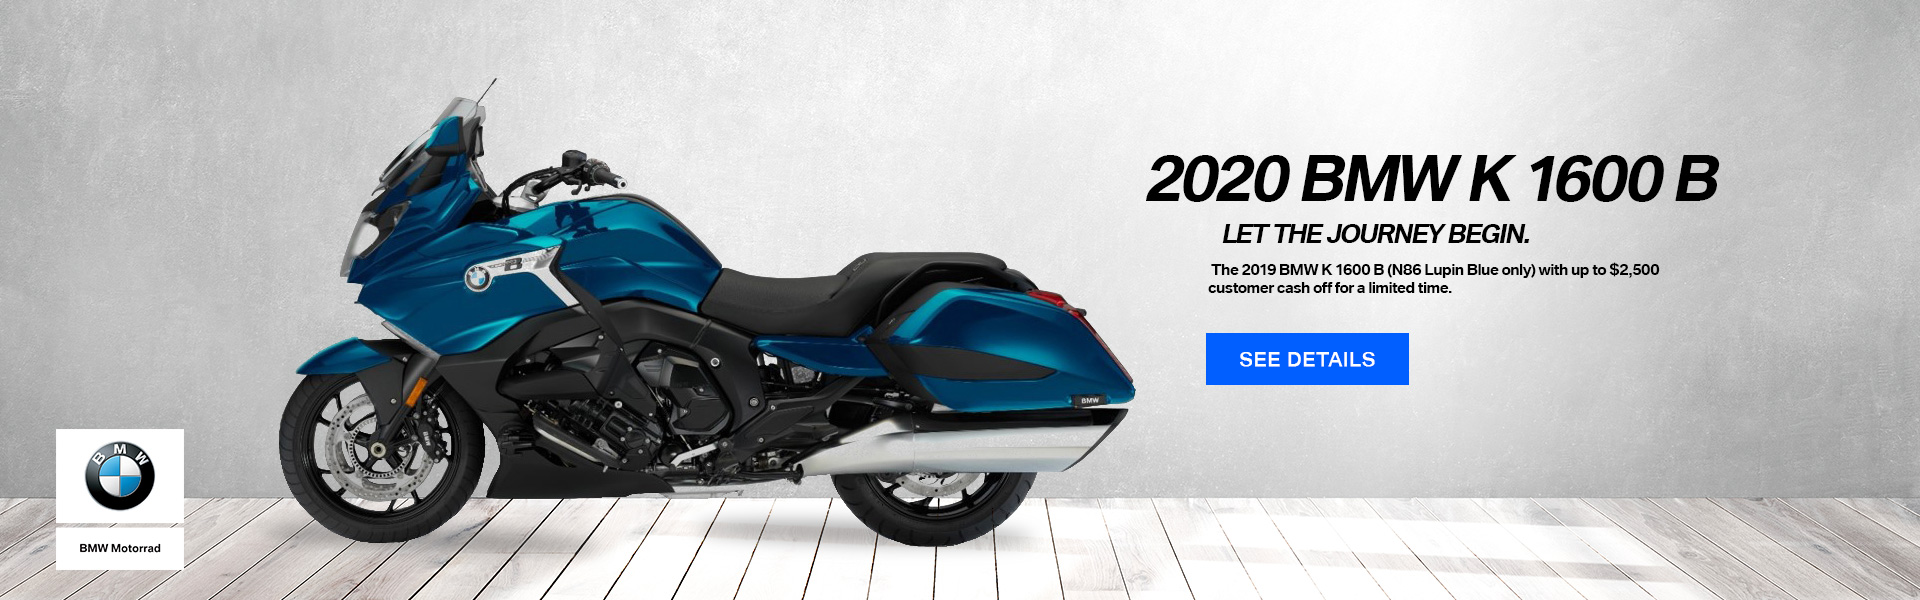 2020 BMW K 1600 B